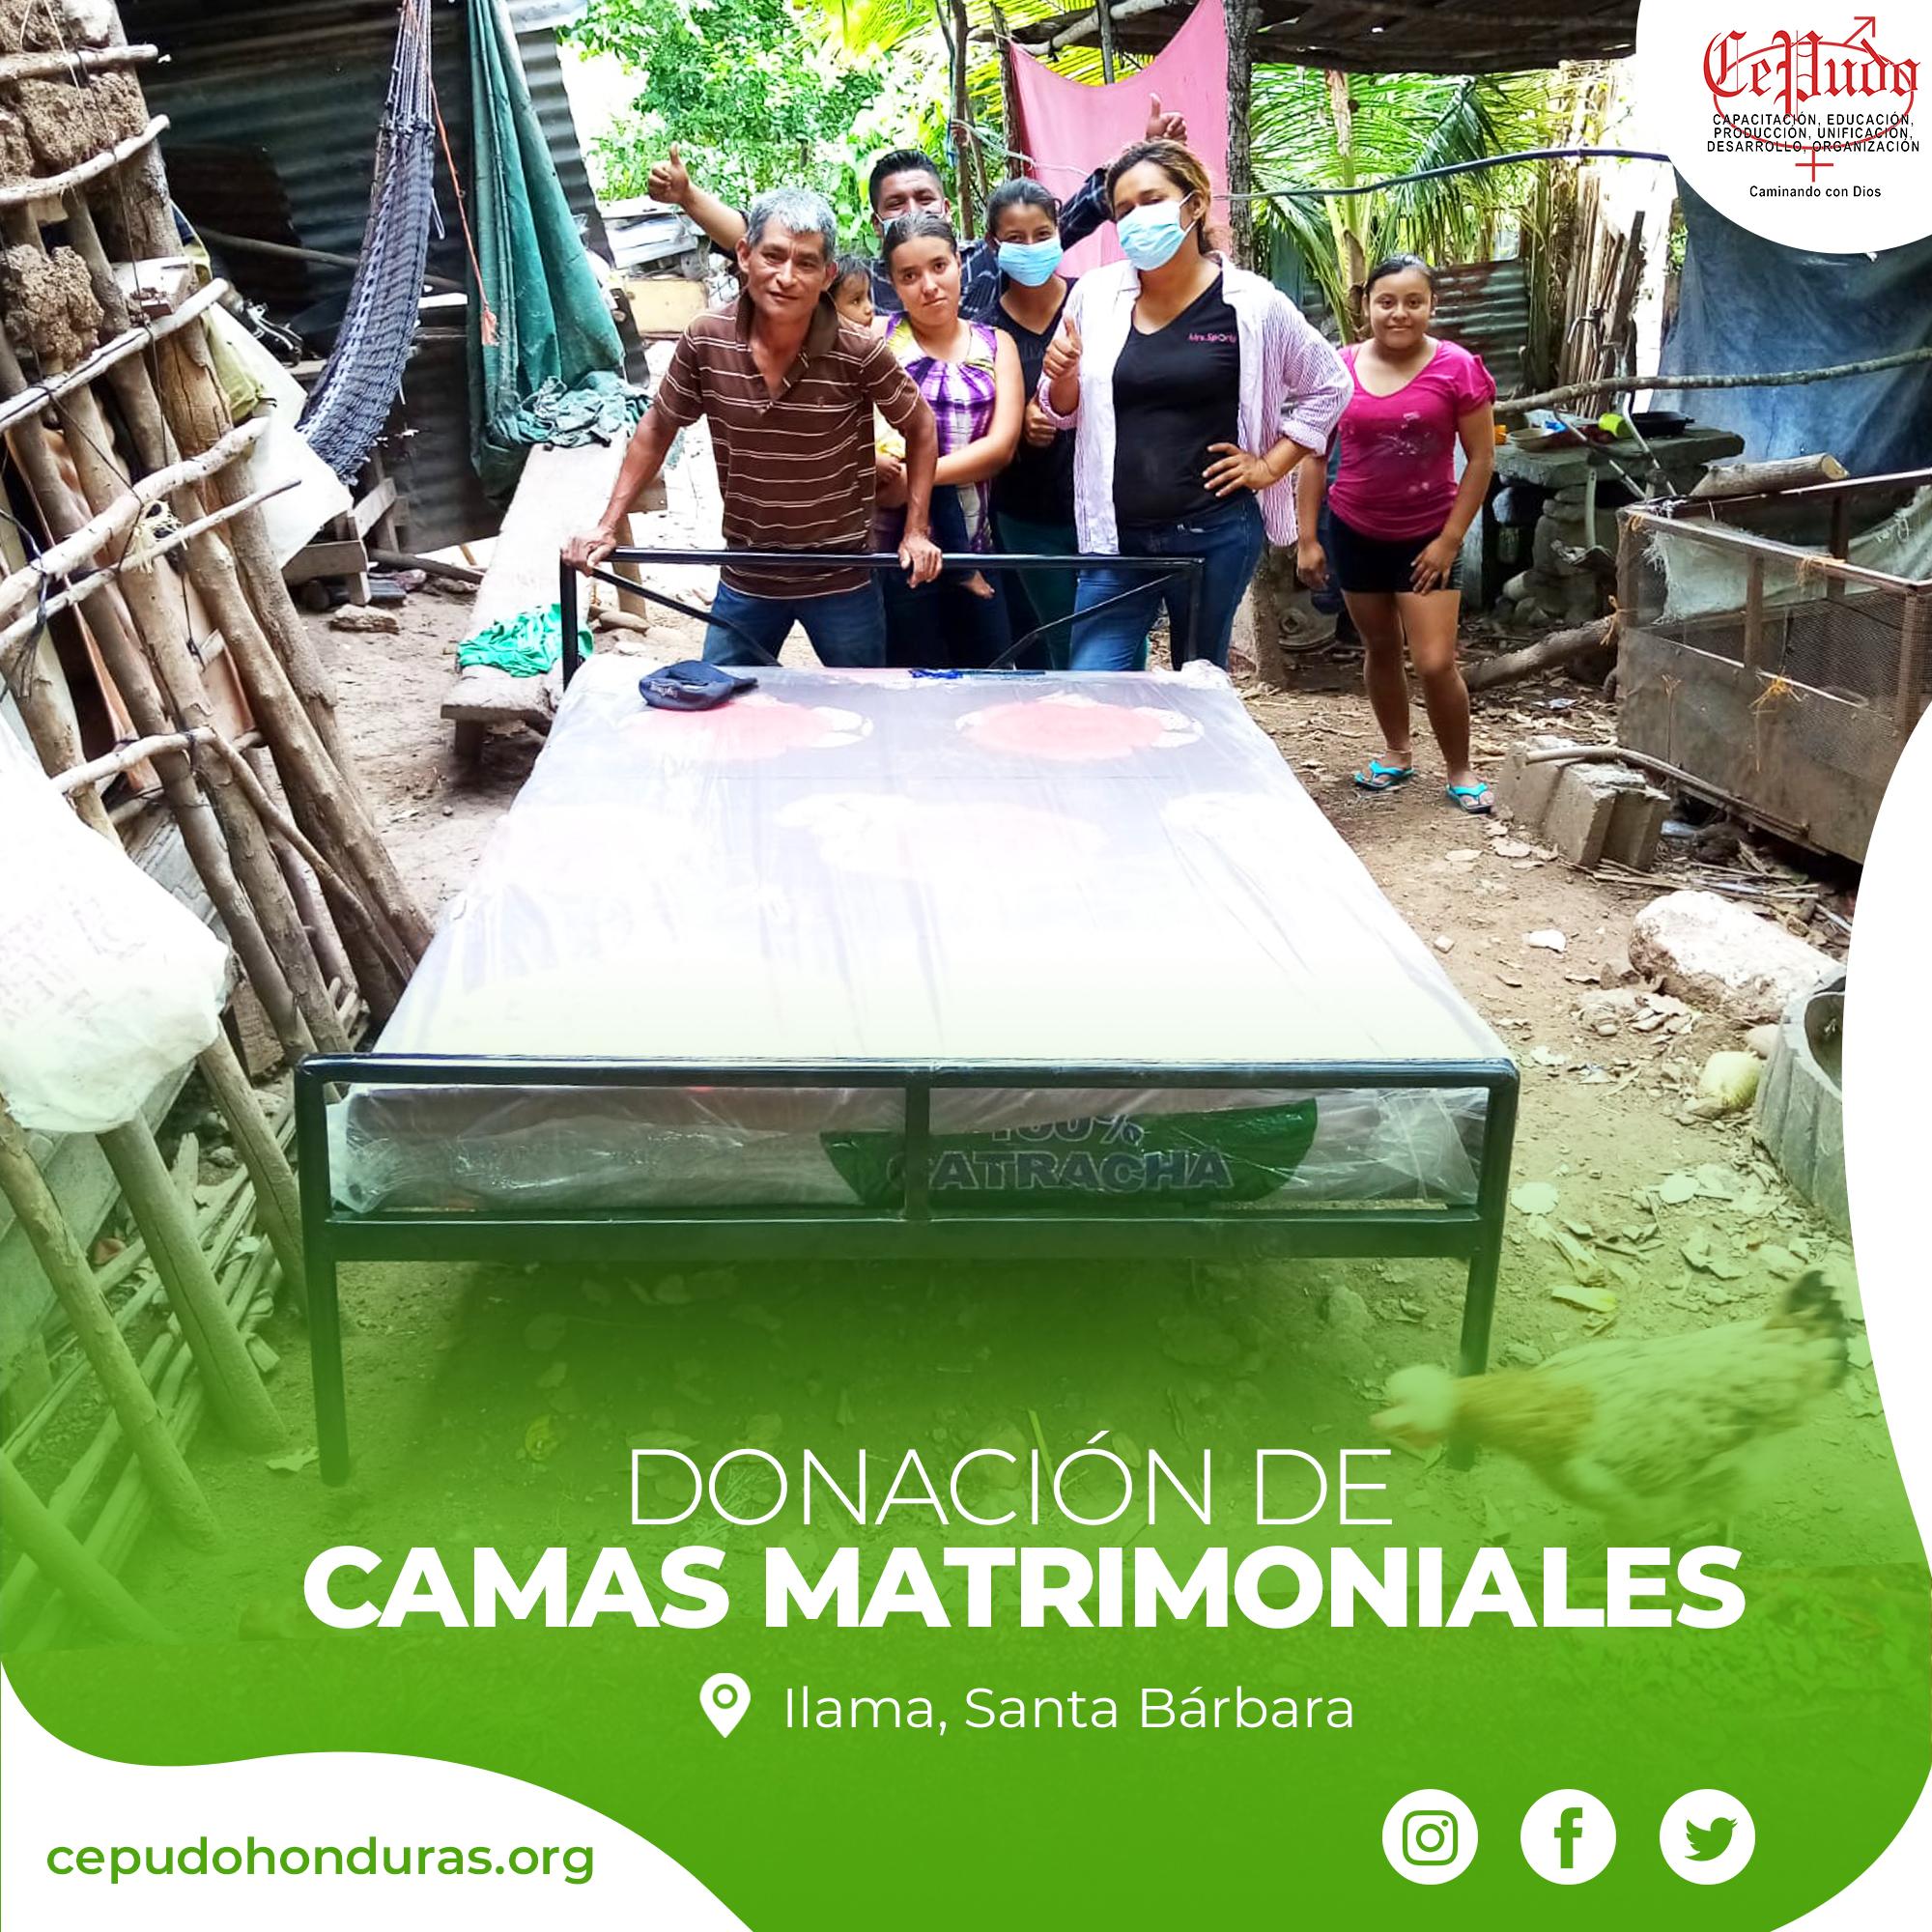 Donation of Double Beds (Ilama, Santa Bárbara)